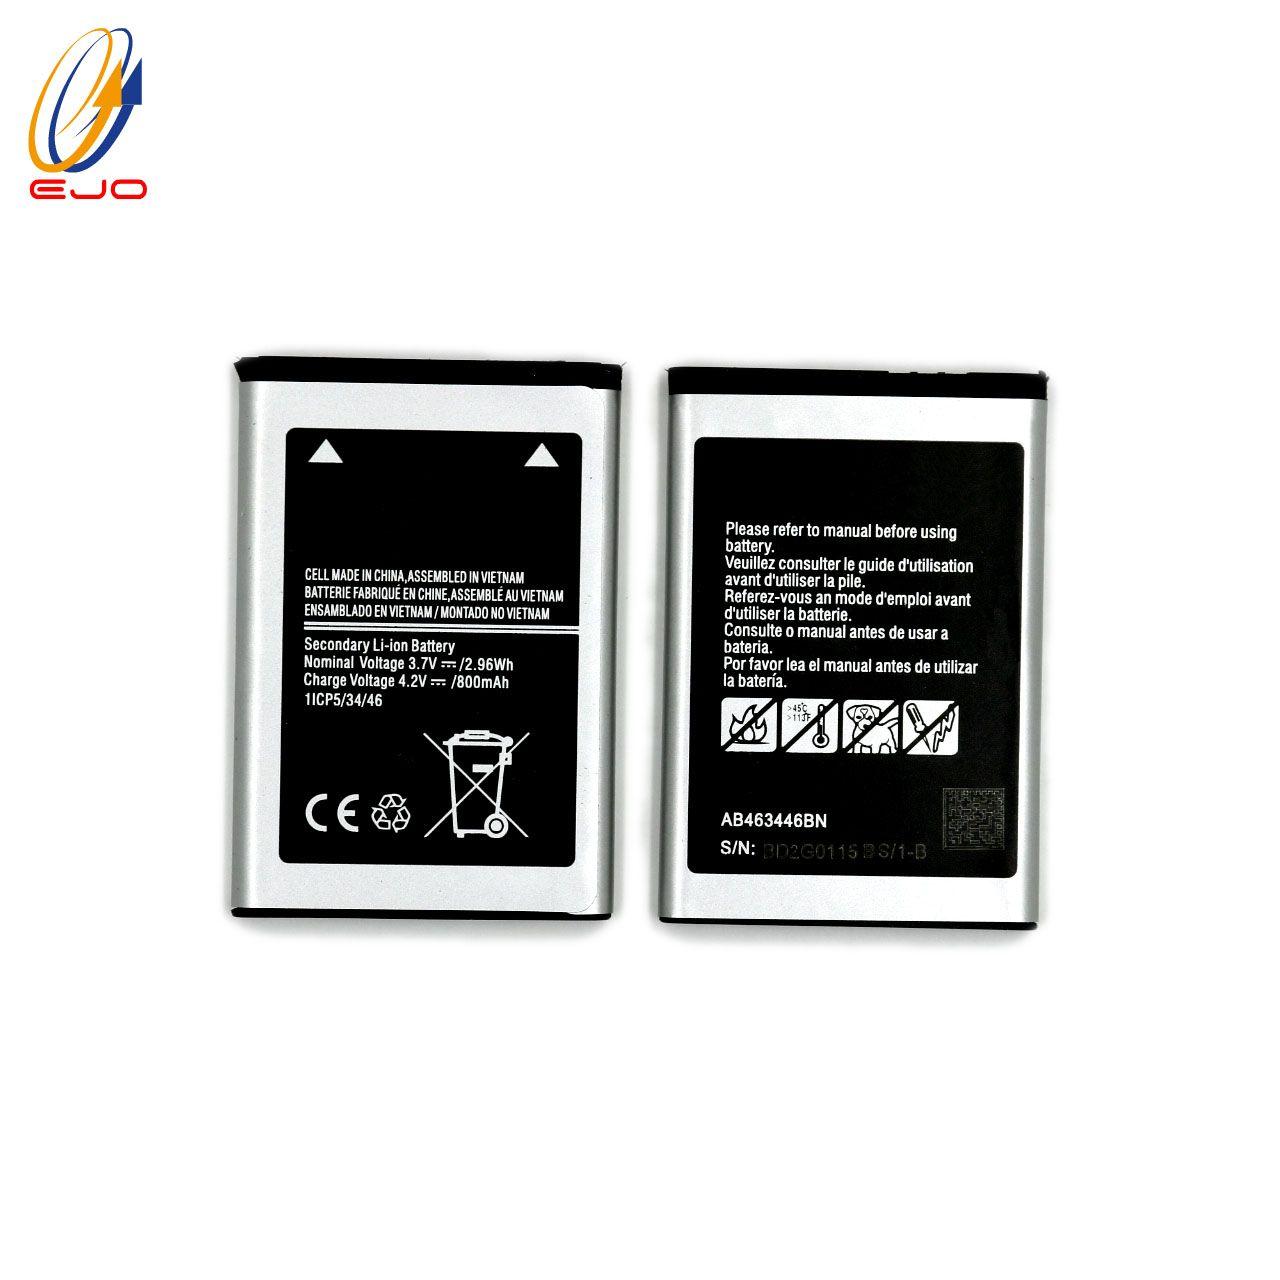 Samsung E208 Telefon Için Pil Pili Değiştirin x200 x208 e200 için Yüksek Kapasiteli s259 AB463446NB AB463446BU Yüksek Kapasiteli Pil